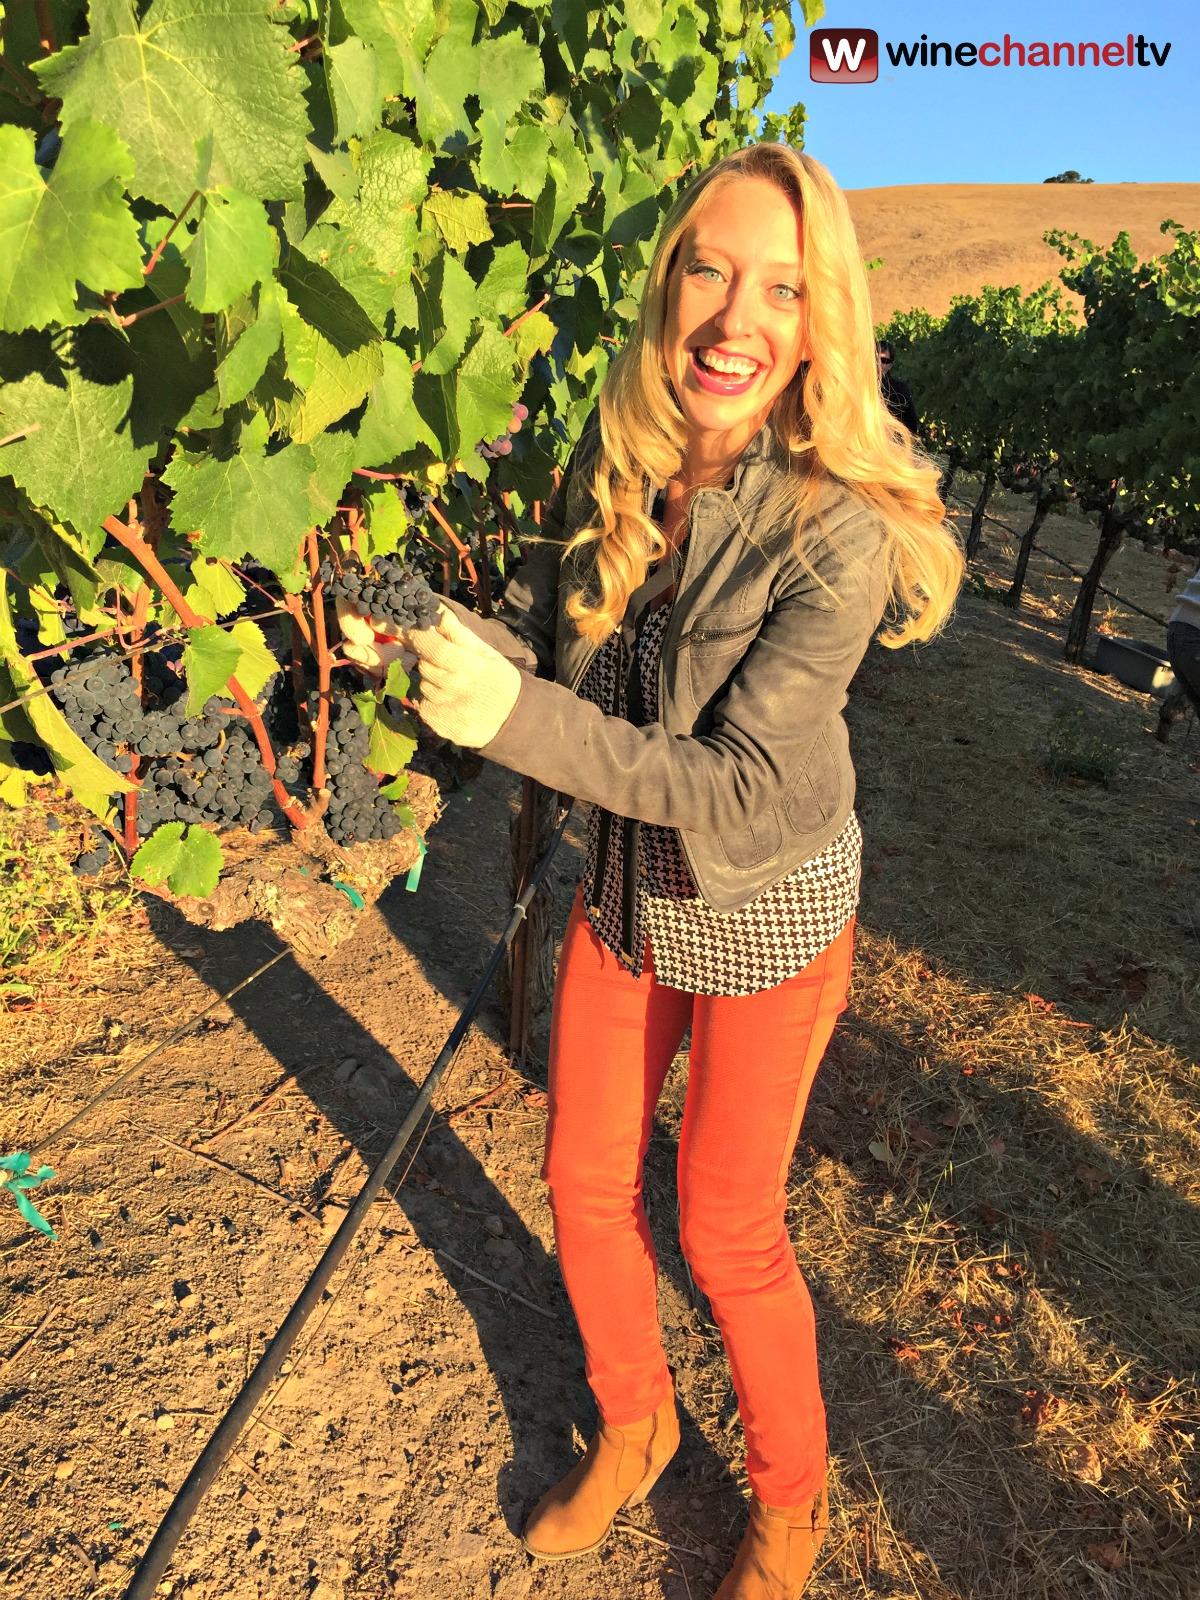 jess vineyard.jpg